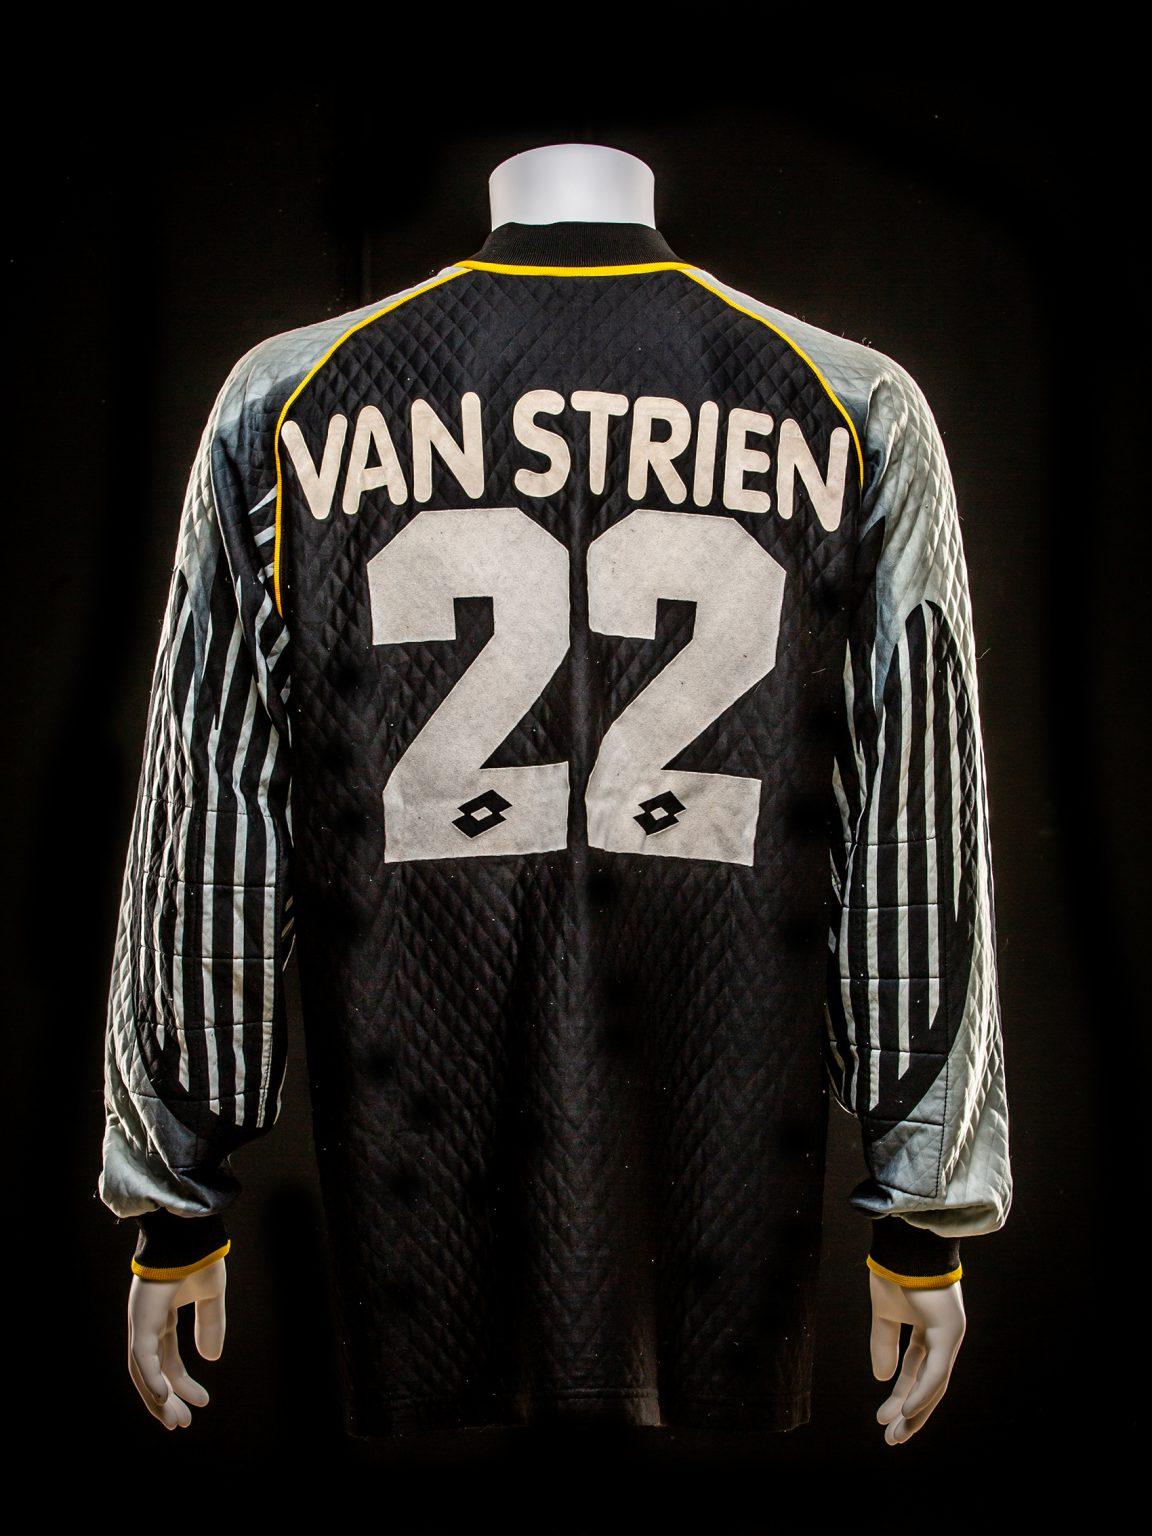 #12 Martijn Van Strien